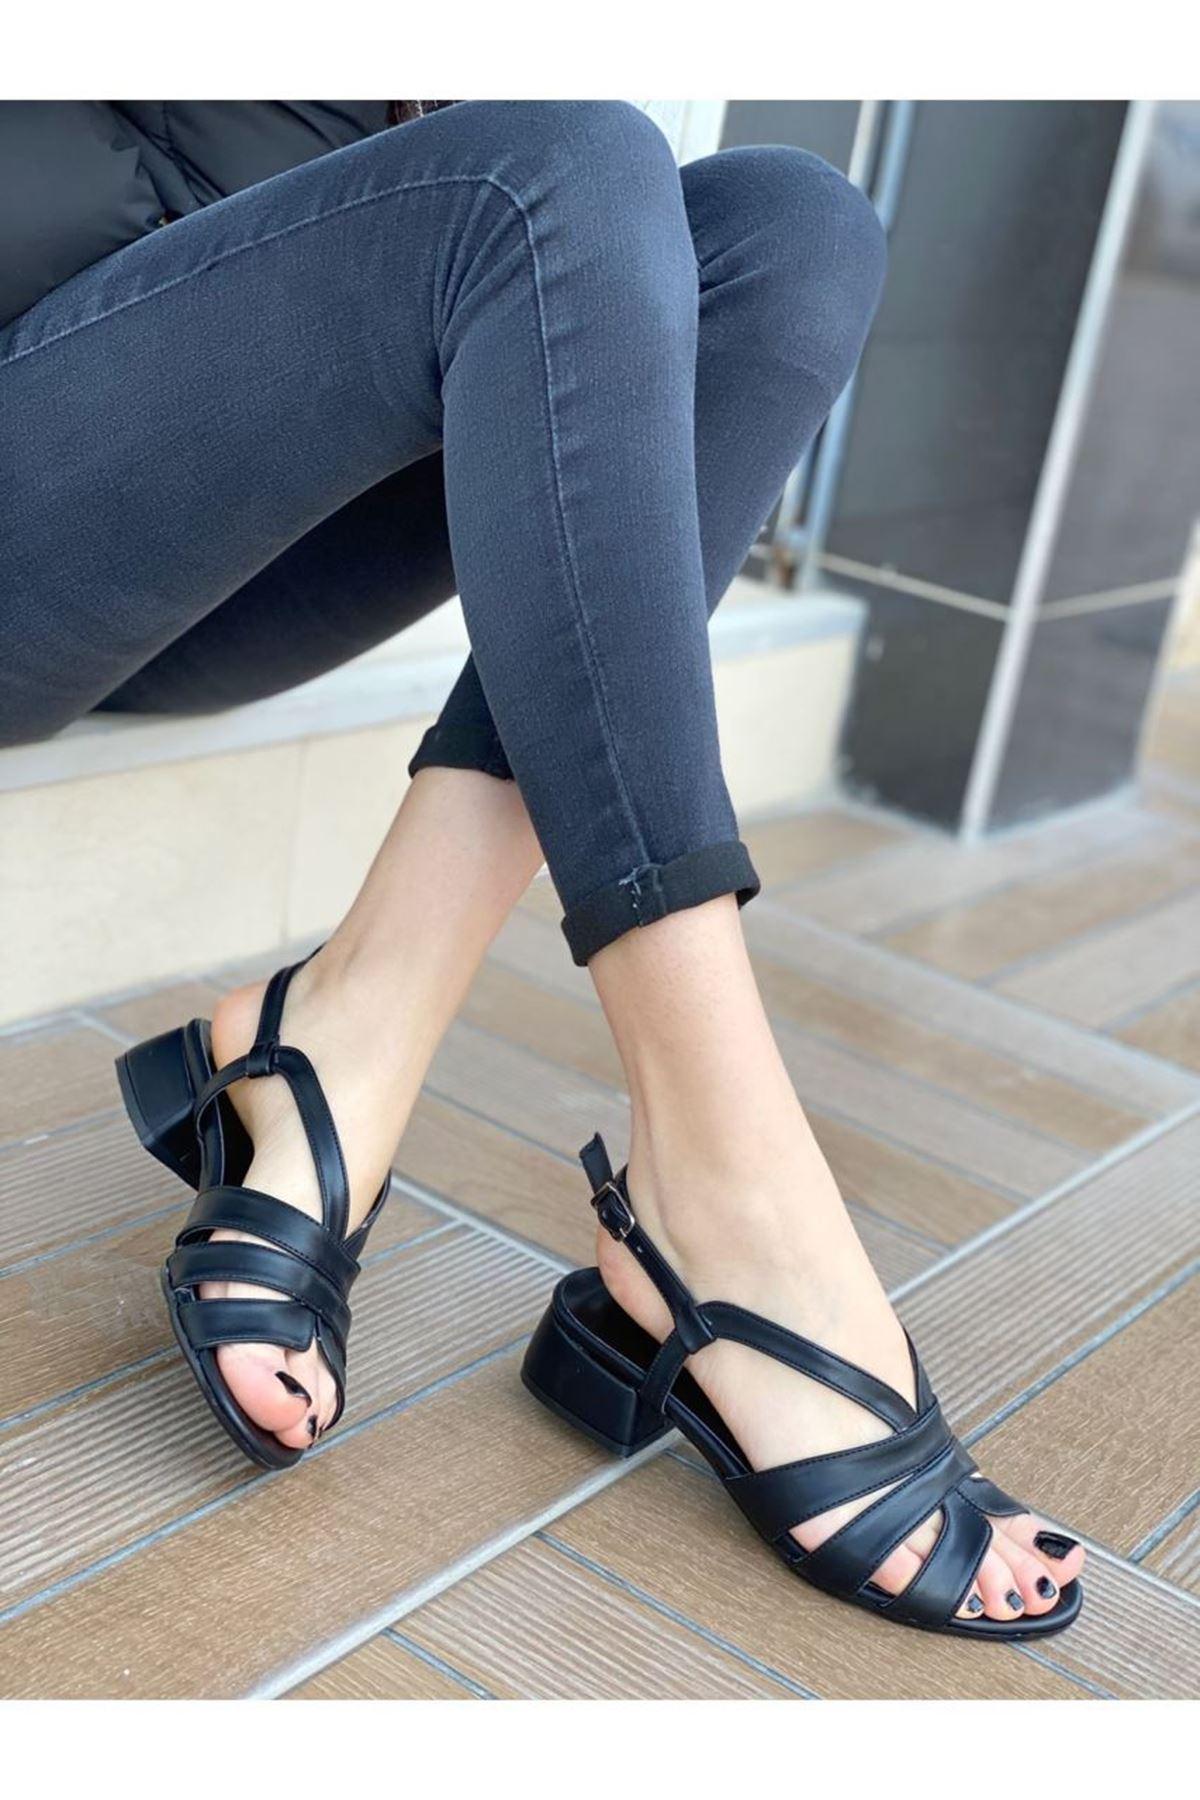 Kadın Nestor Siyah Deri Kısa Topuklu Ayakkabı